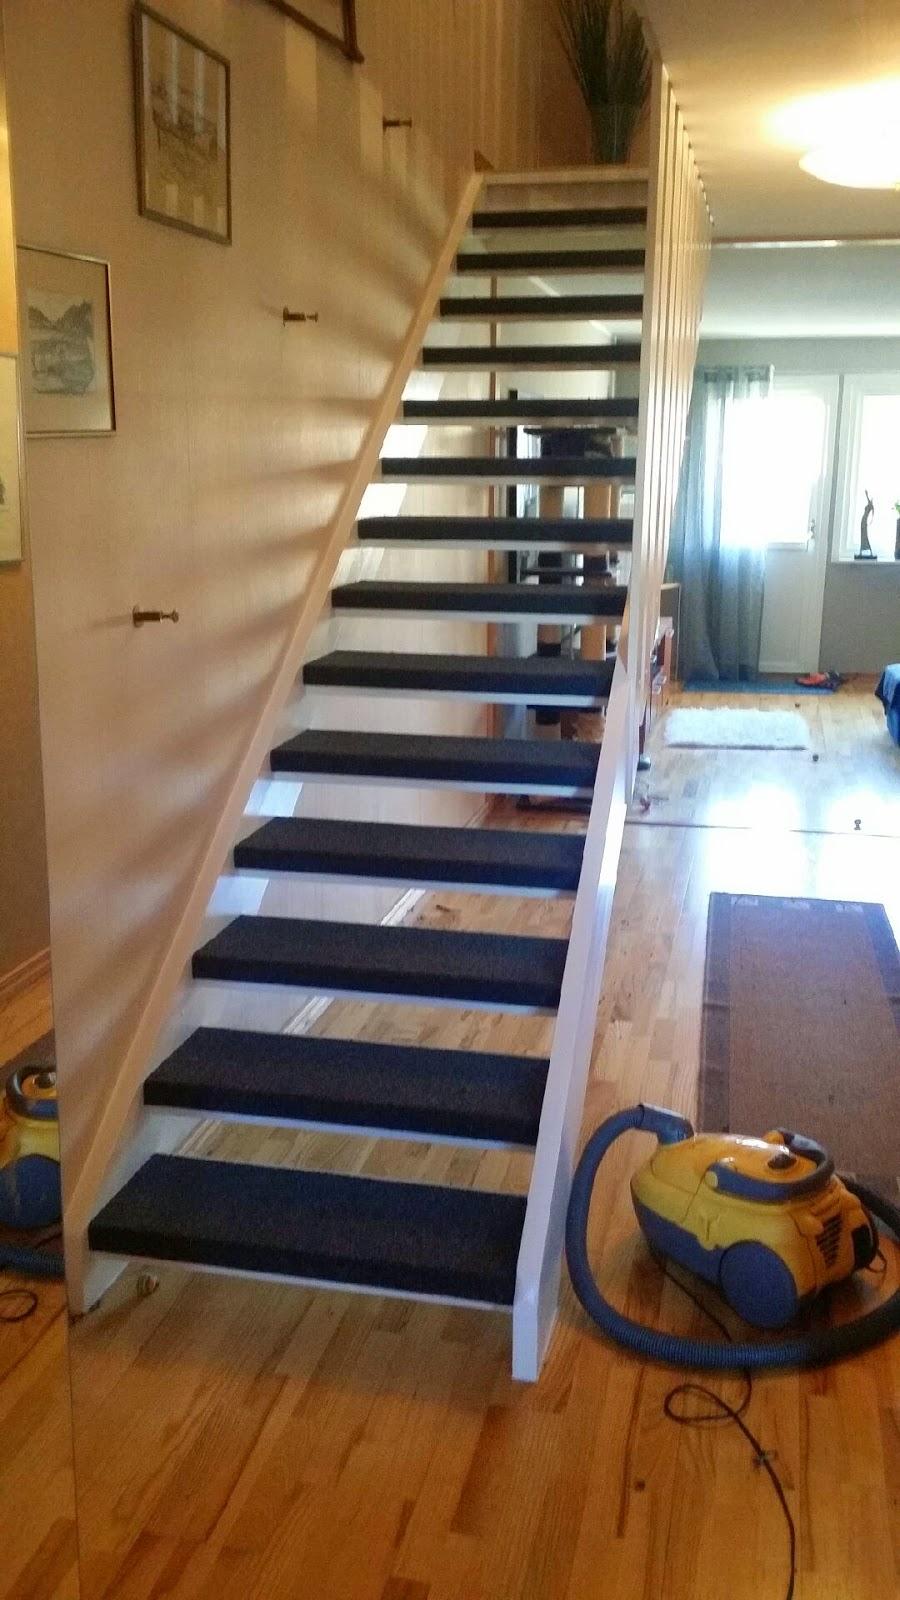 Uffes Bygg: Textilmatta i trappa! : trapp matta : Inredning